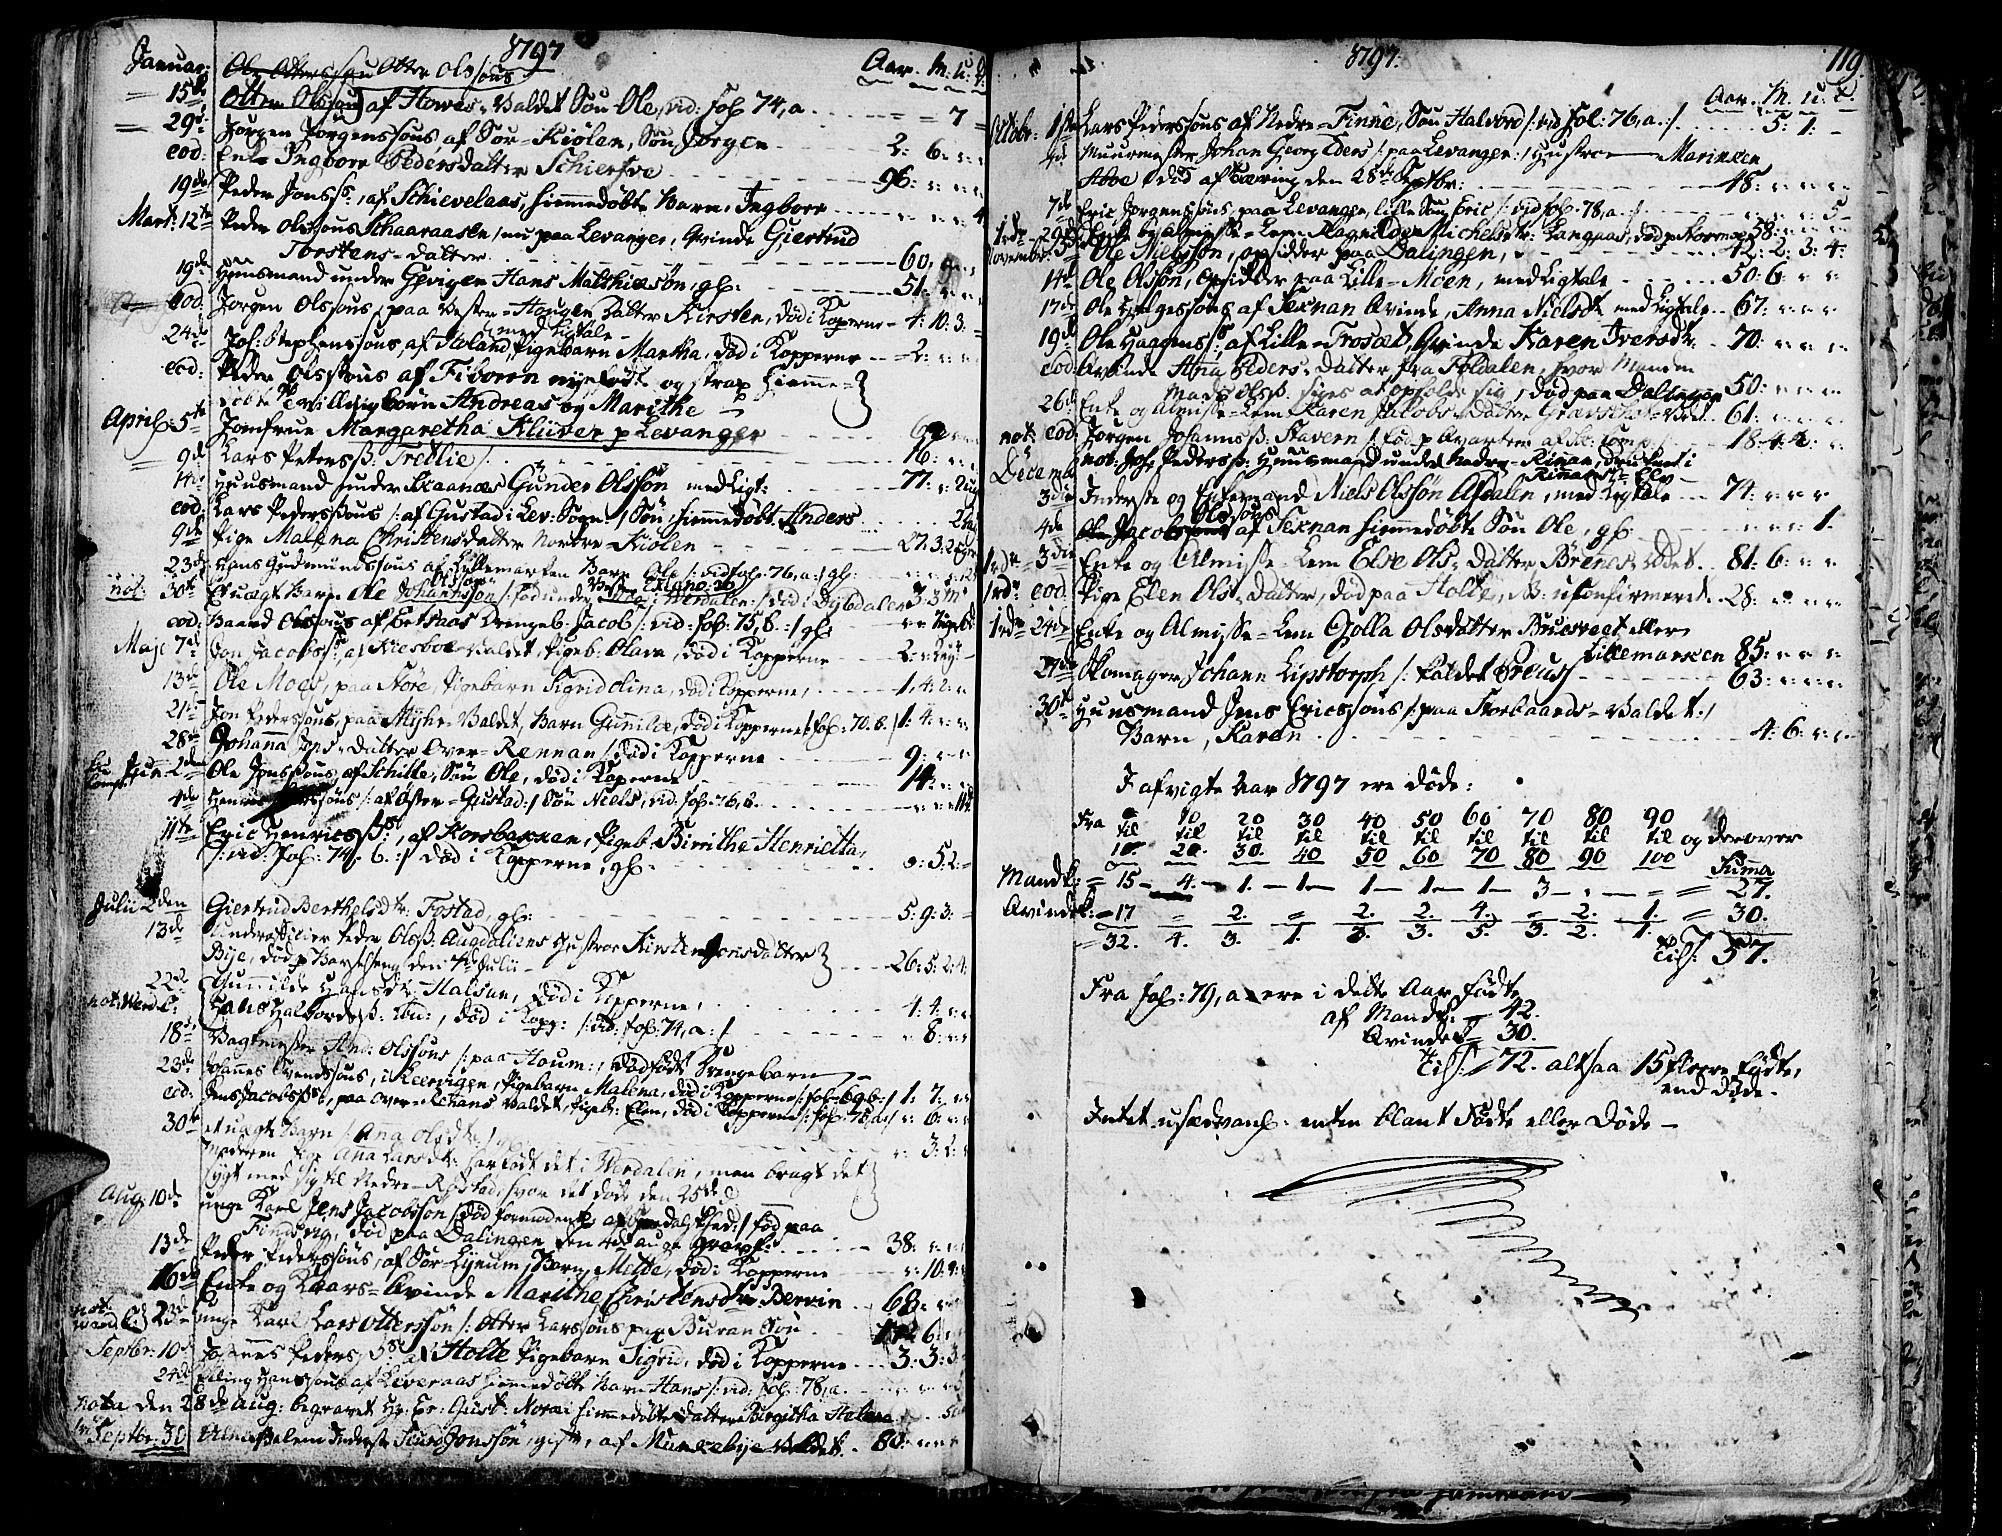 SAT, Ministerialprotokoller, klokkerbøker og fødselsregistre - Nord-Trøndelag, 717/L0142: Ministerialbok nr. 717A02 /1, 1783-1809, s. 119